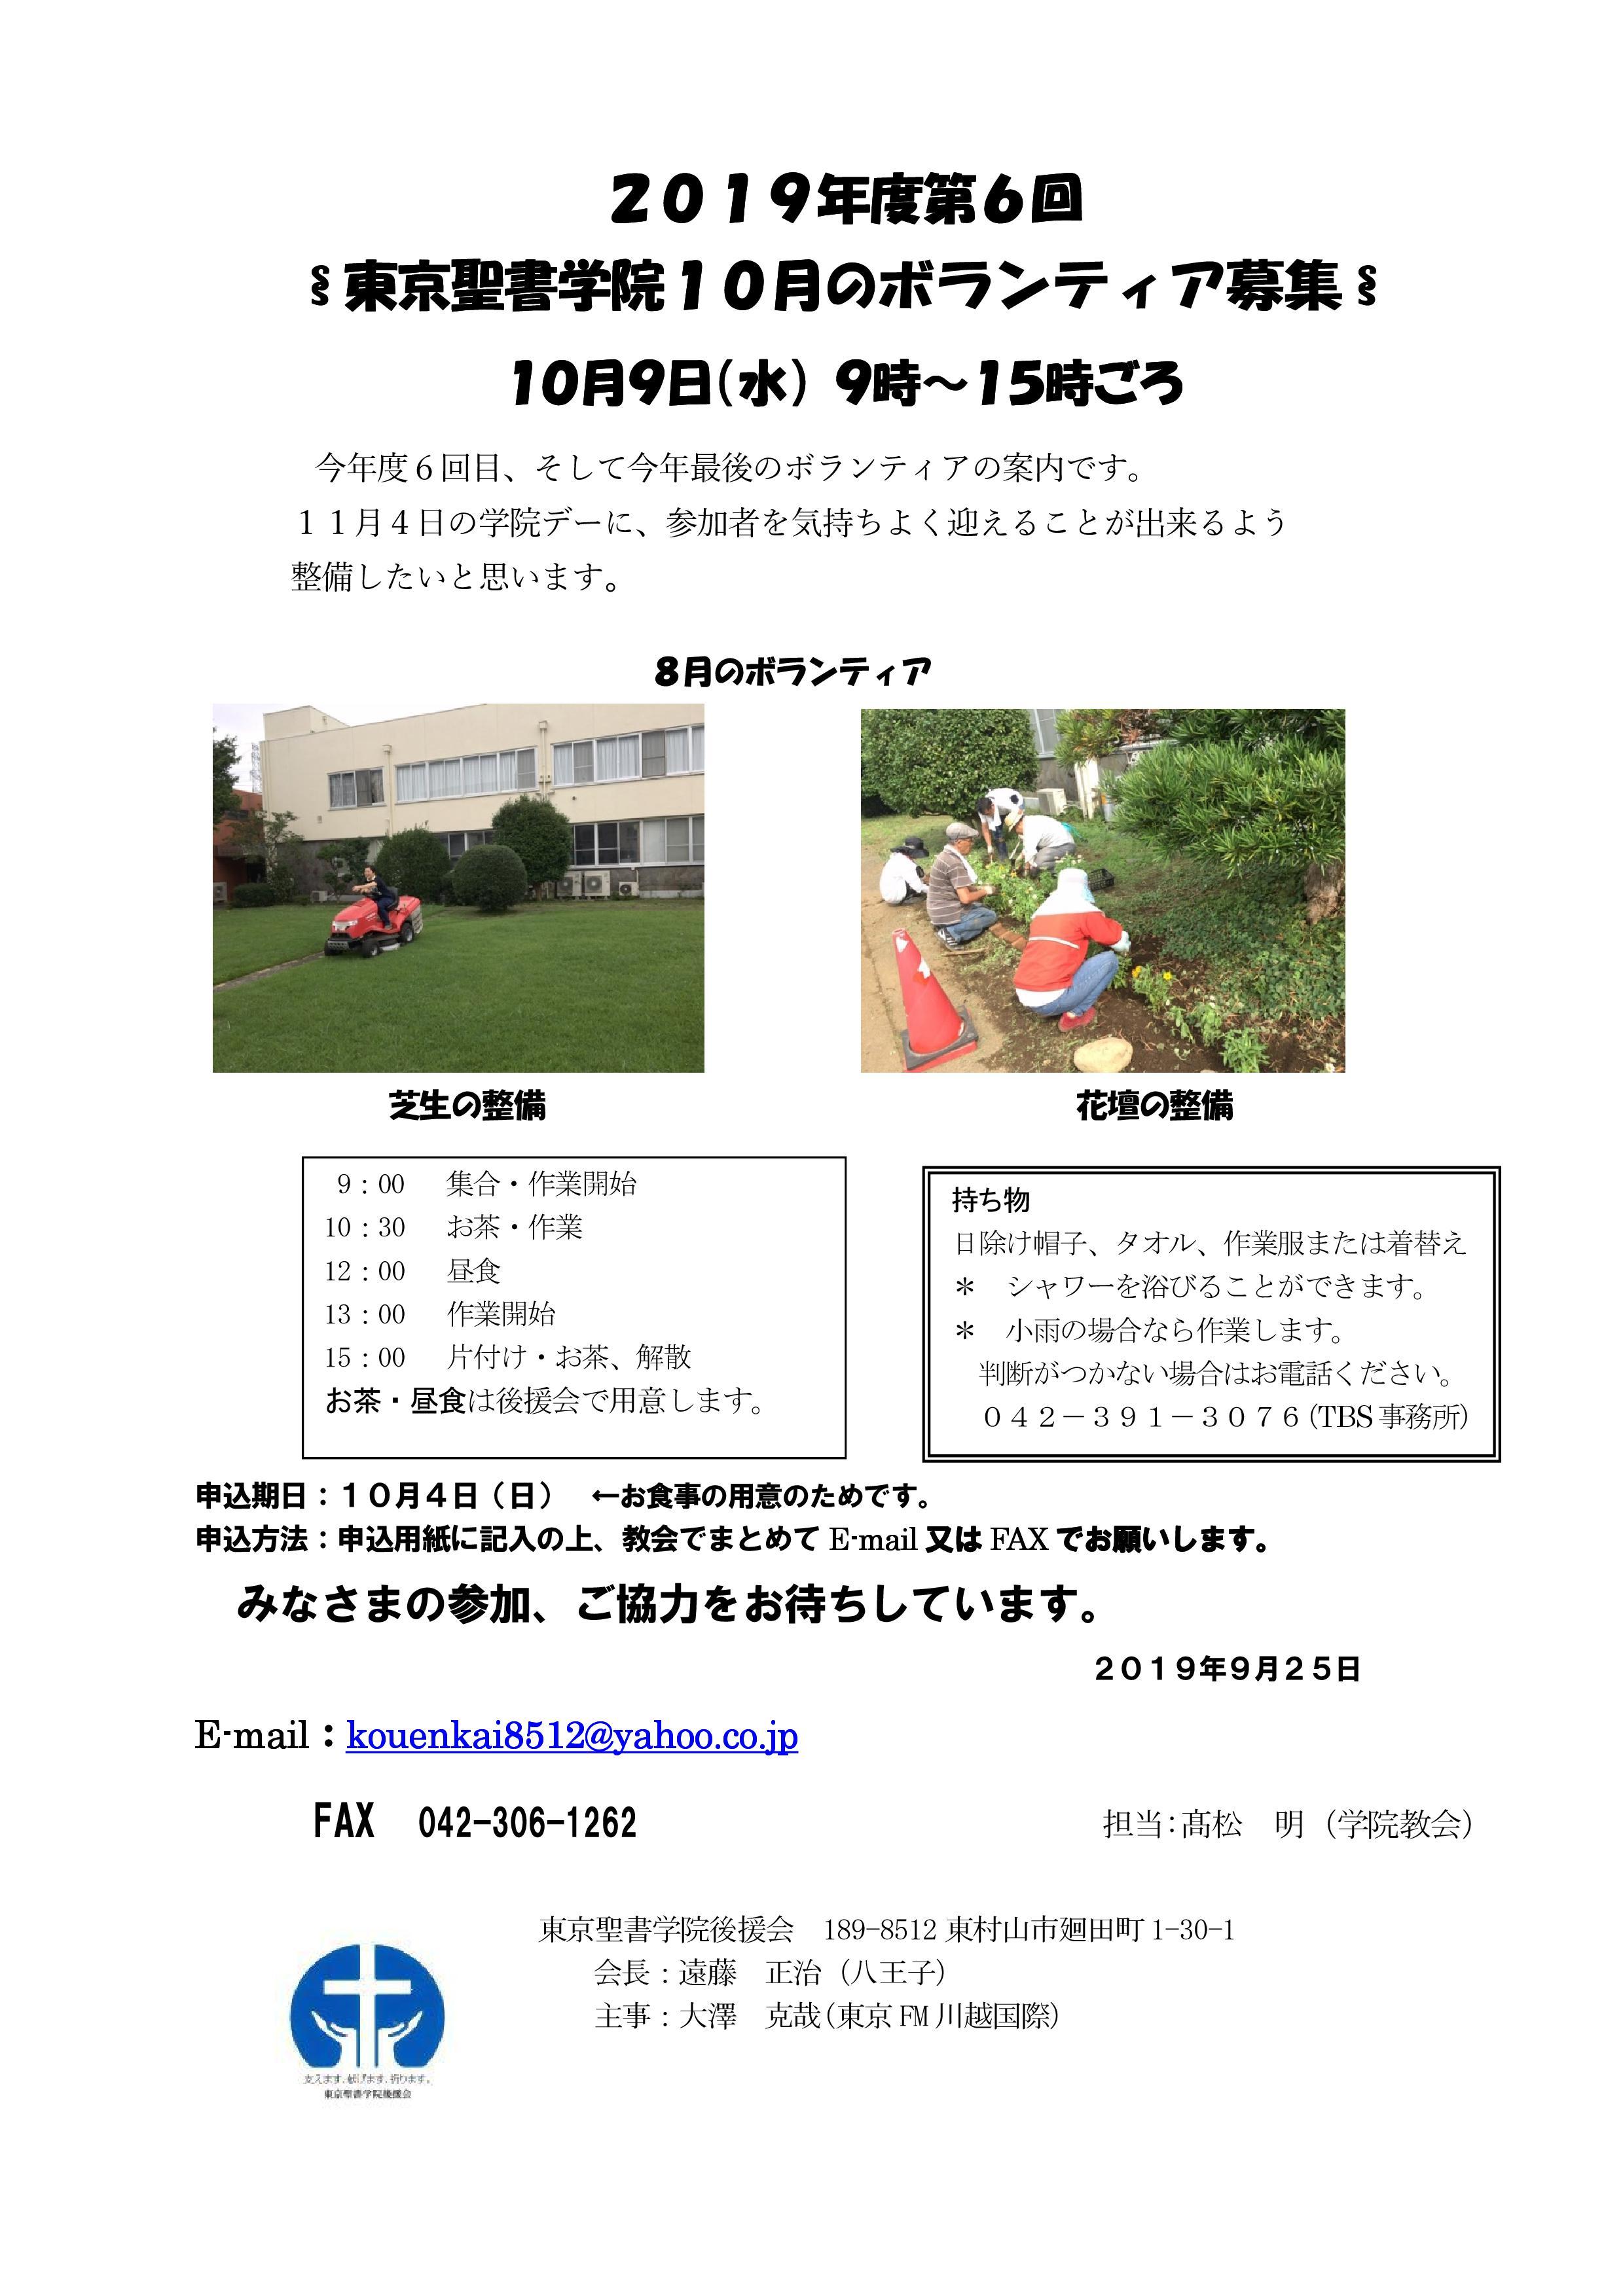 2019年度第6回東京聖書学院10月のボランティア募集